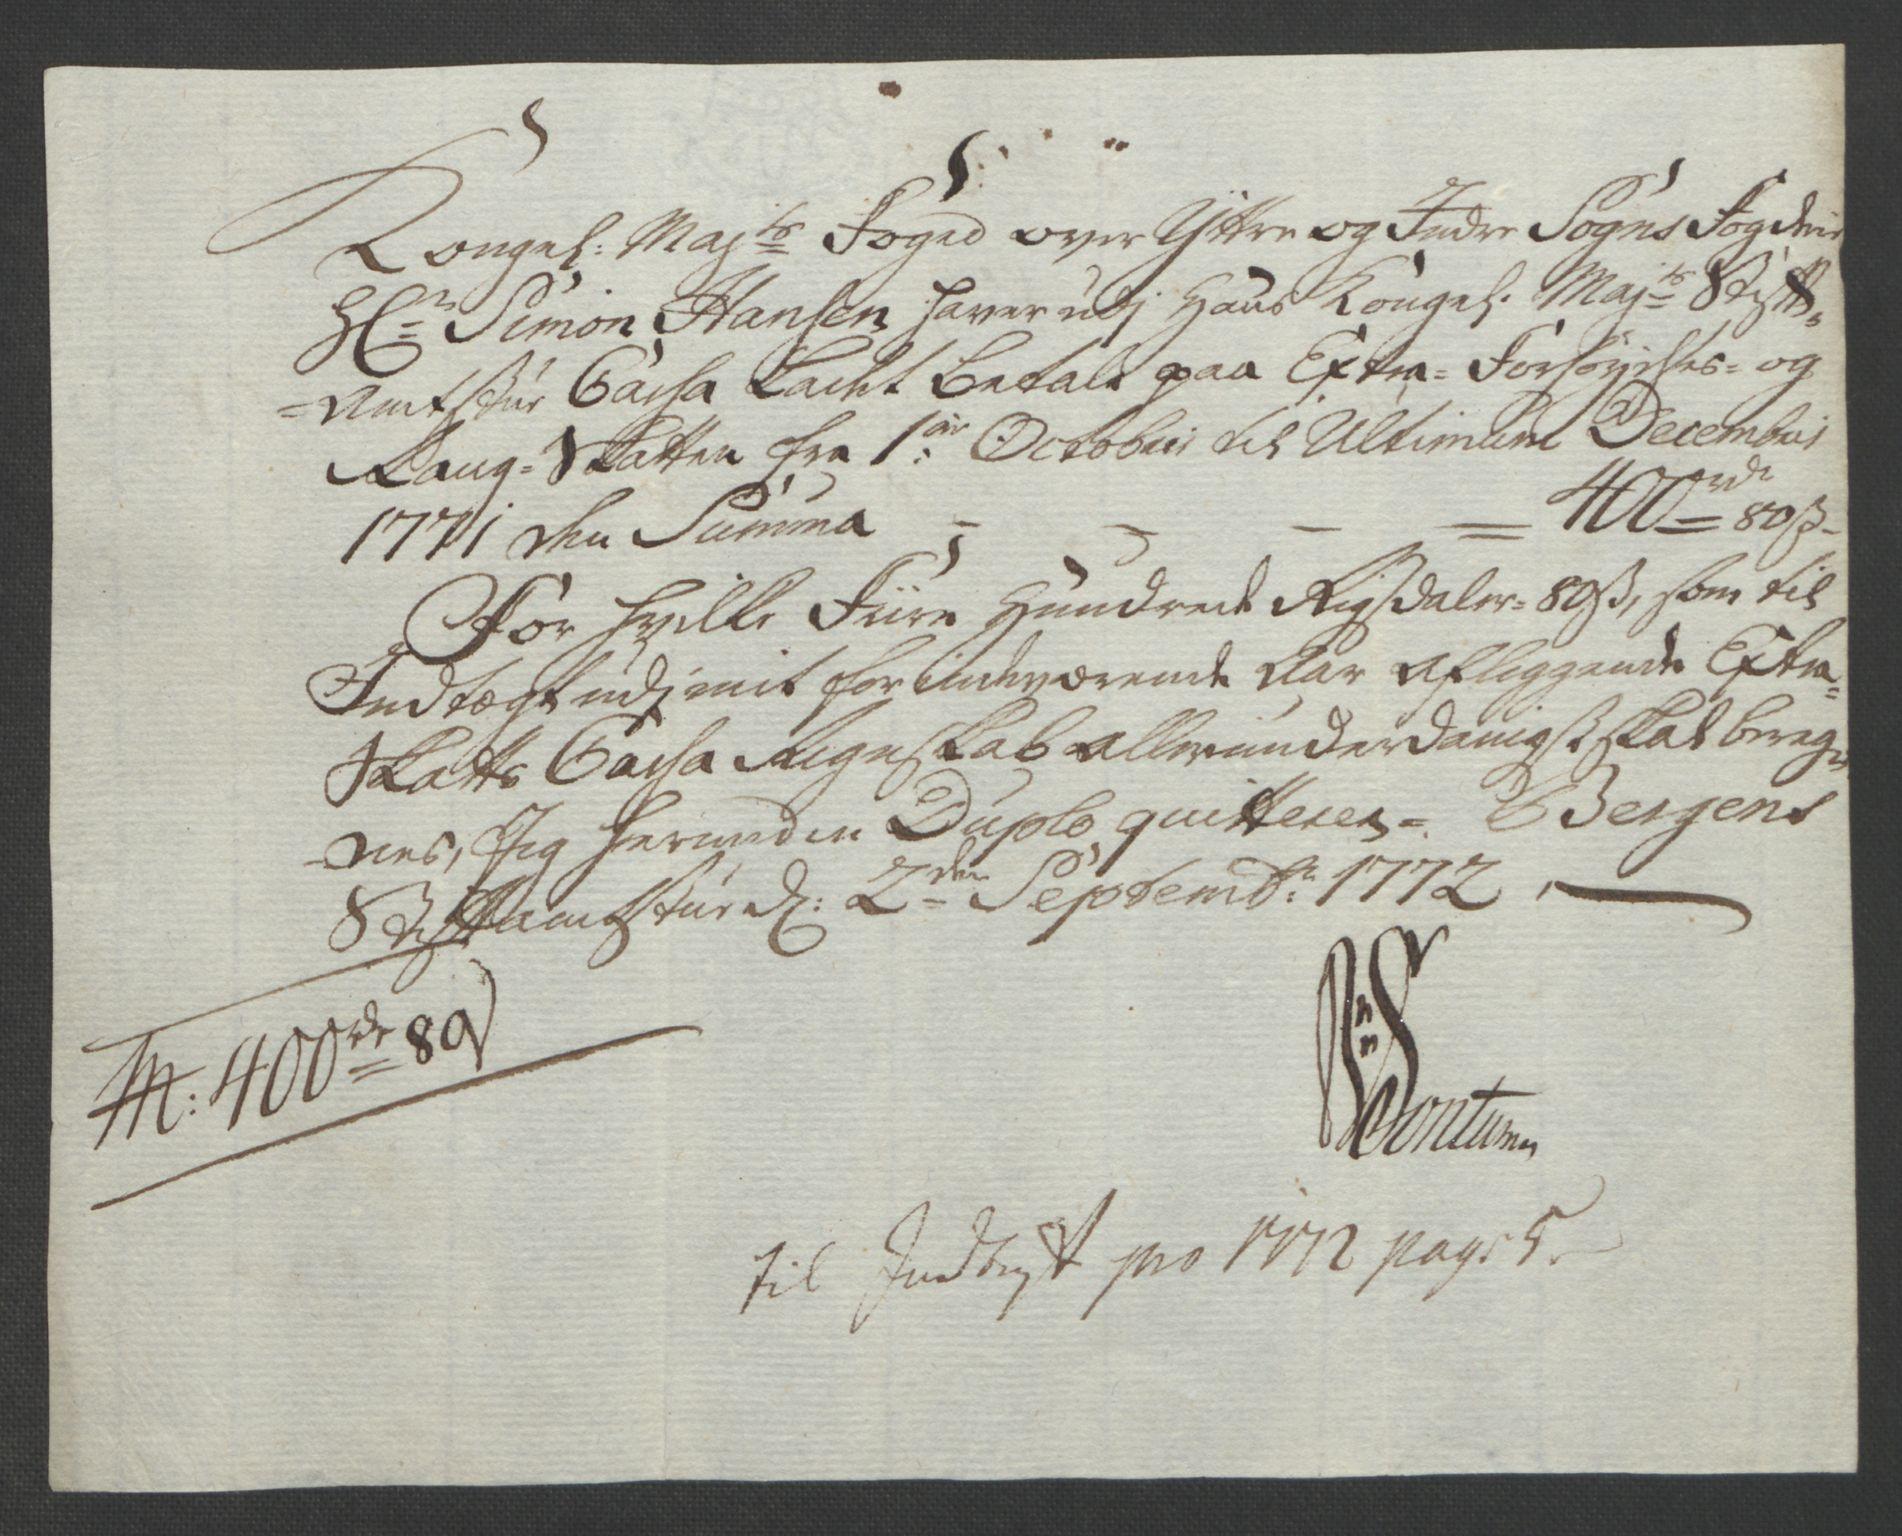 RA, Rentekammeret inntil 1814, Realistisk ordnet avdeling, Ol/L0018: [Gg 10]: Ekstraskatten, 23.09.1762. Sogn, 1762-1772, s. 385